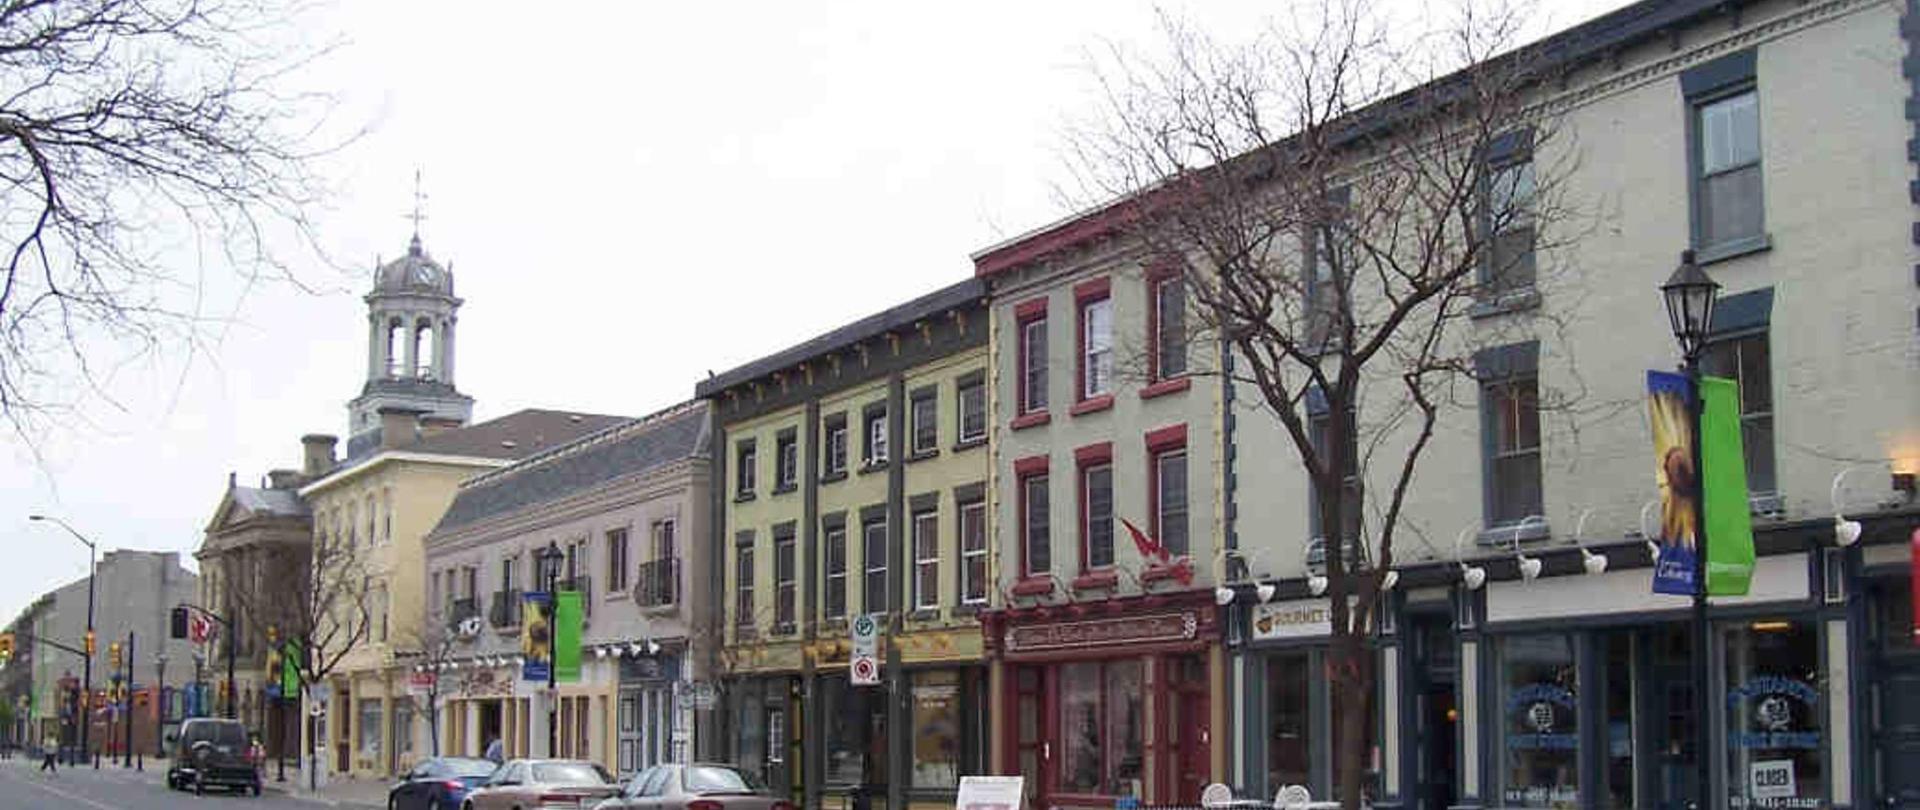 facade-kingstpr.jpg